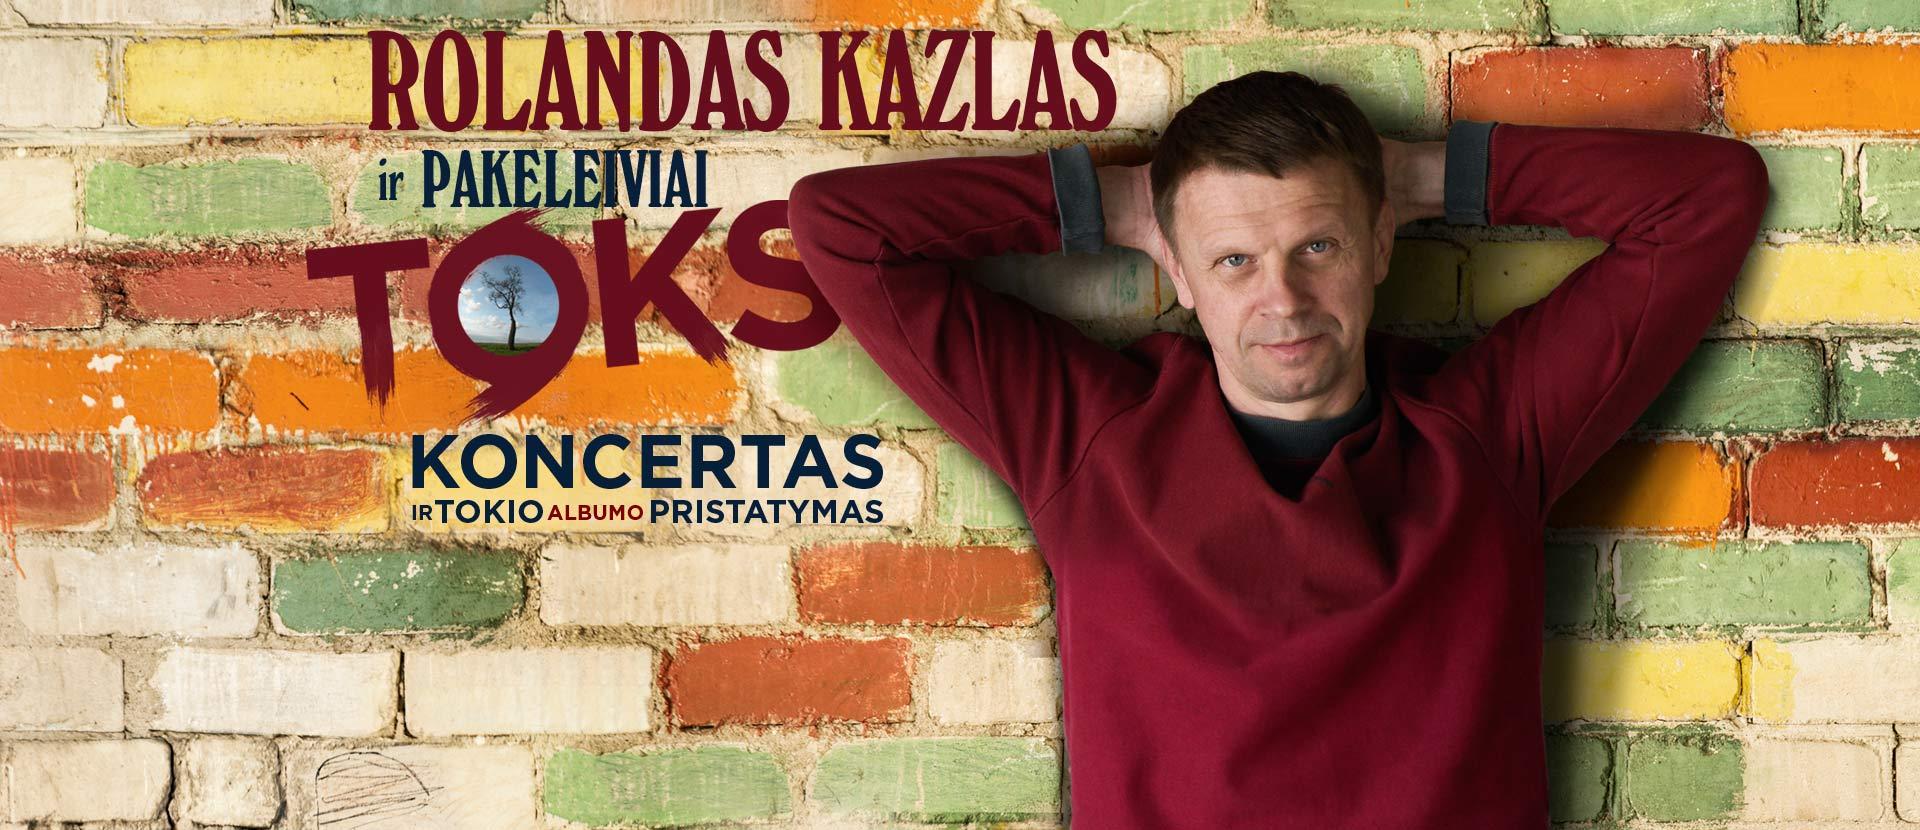 """Rolandas Kazlas ir Pakeleiviai. """"Toks koncertas"""""""